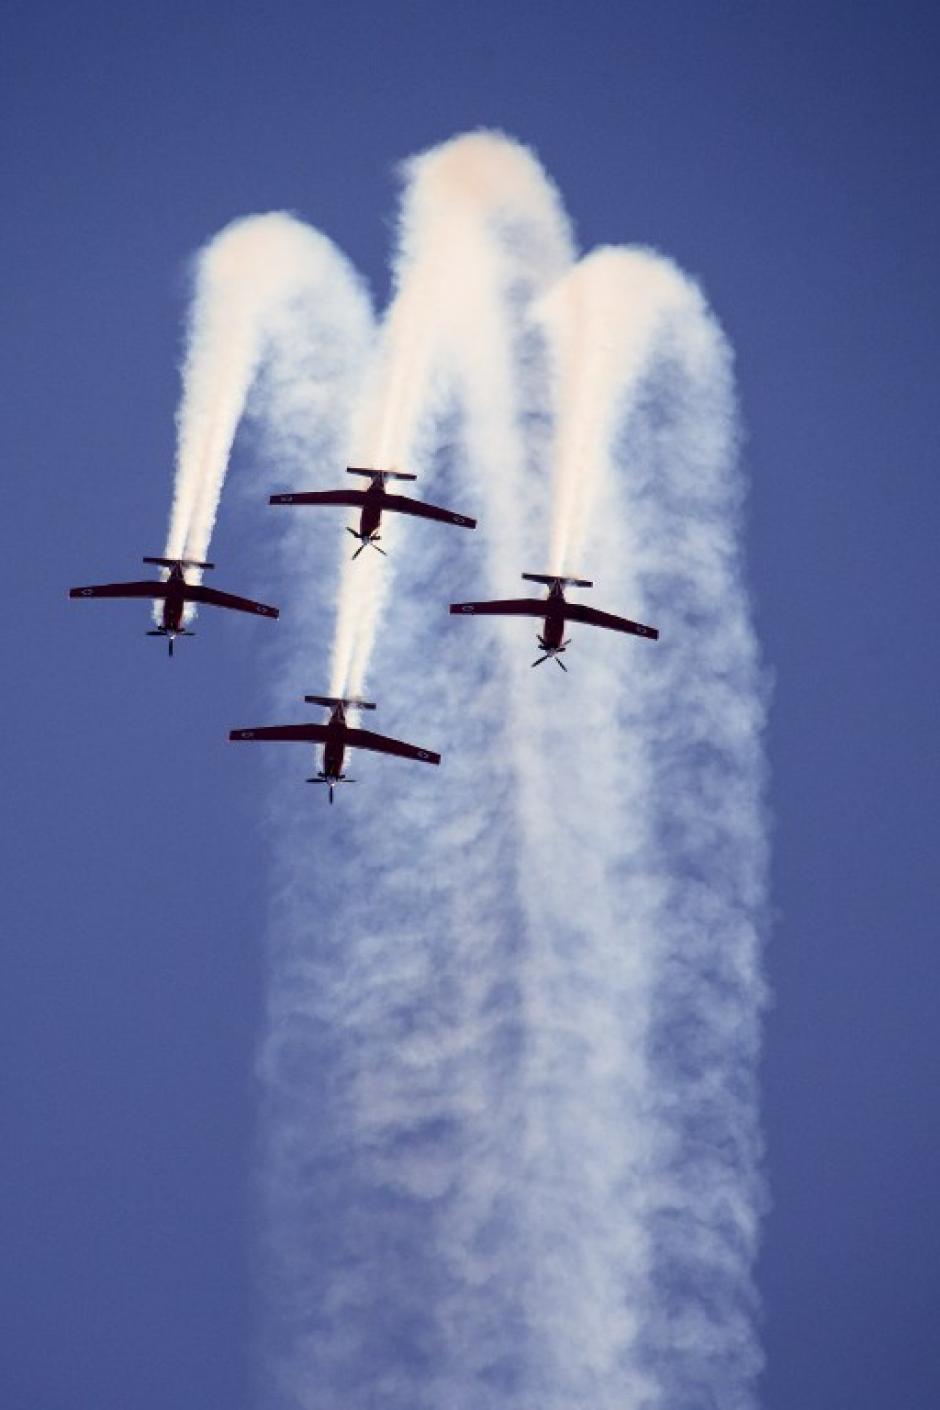 También se festejaron los 100 años de la aviación en la patria judía, el primer avión aterrizó en Jaffa en 1913.